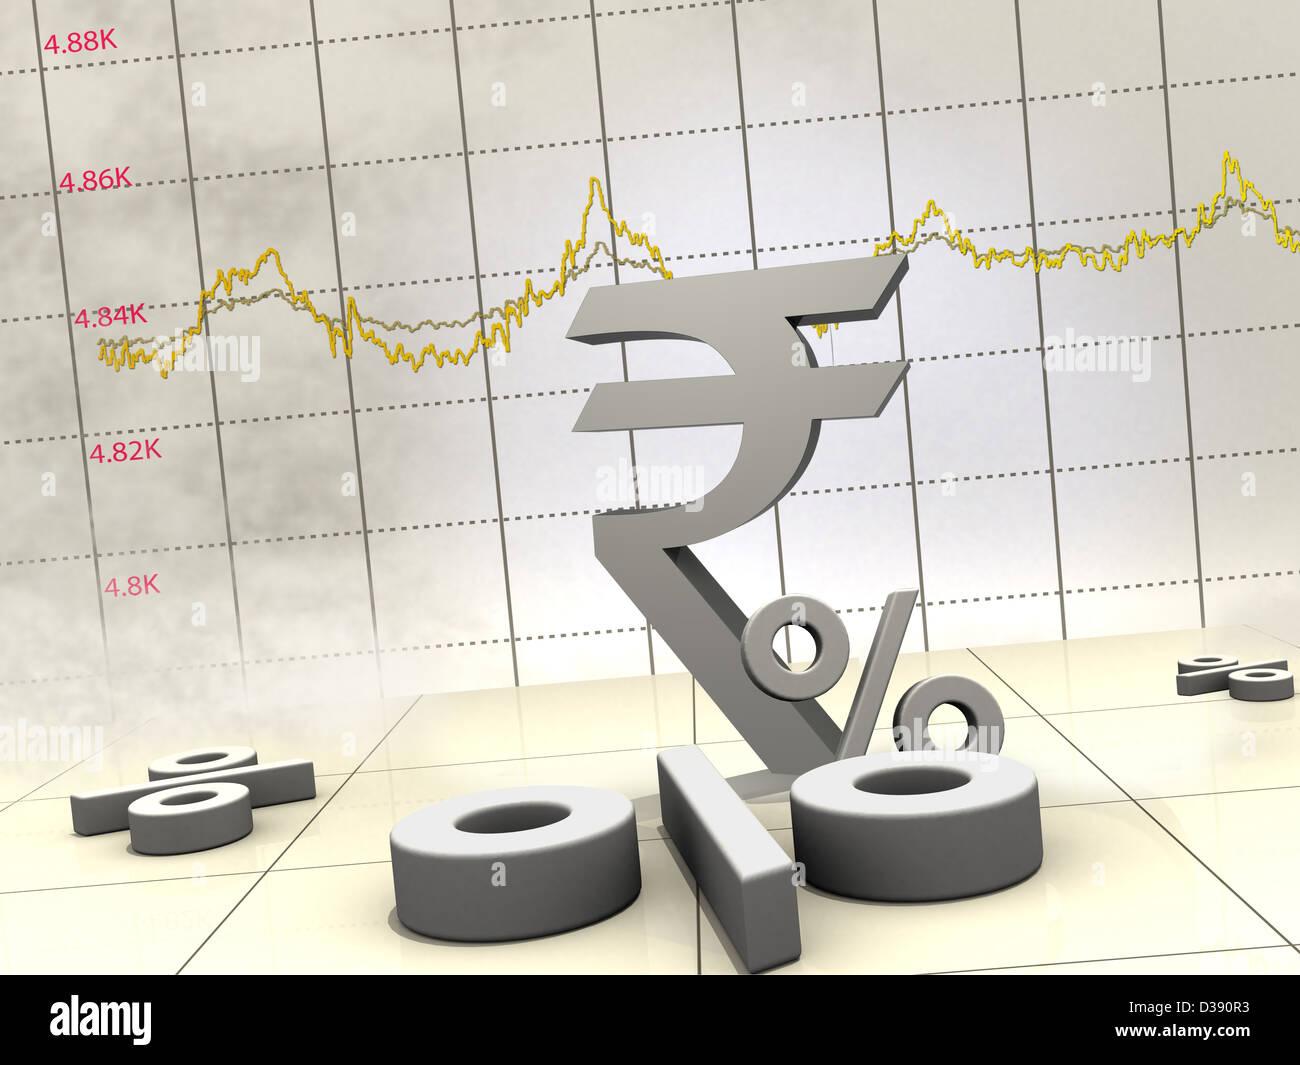 Indische Währungssymbol mit Liniendiagramm Stockfoto, Bild: 53673287 ...